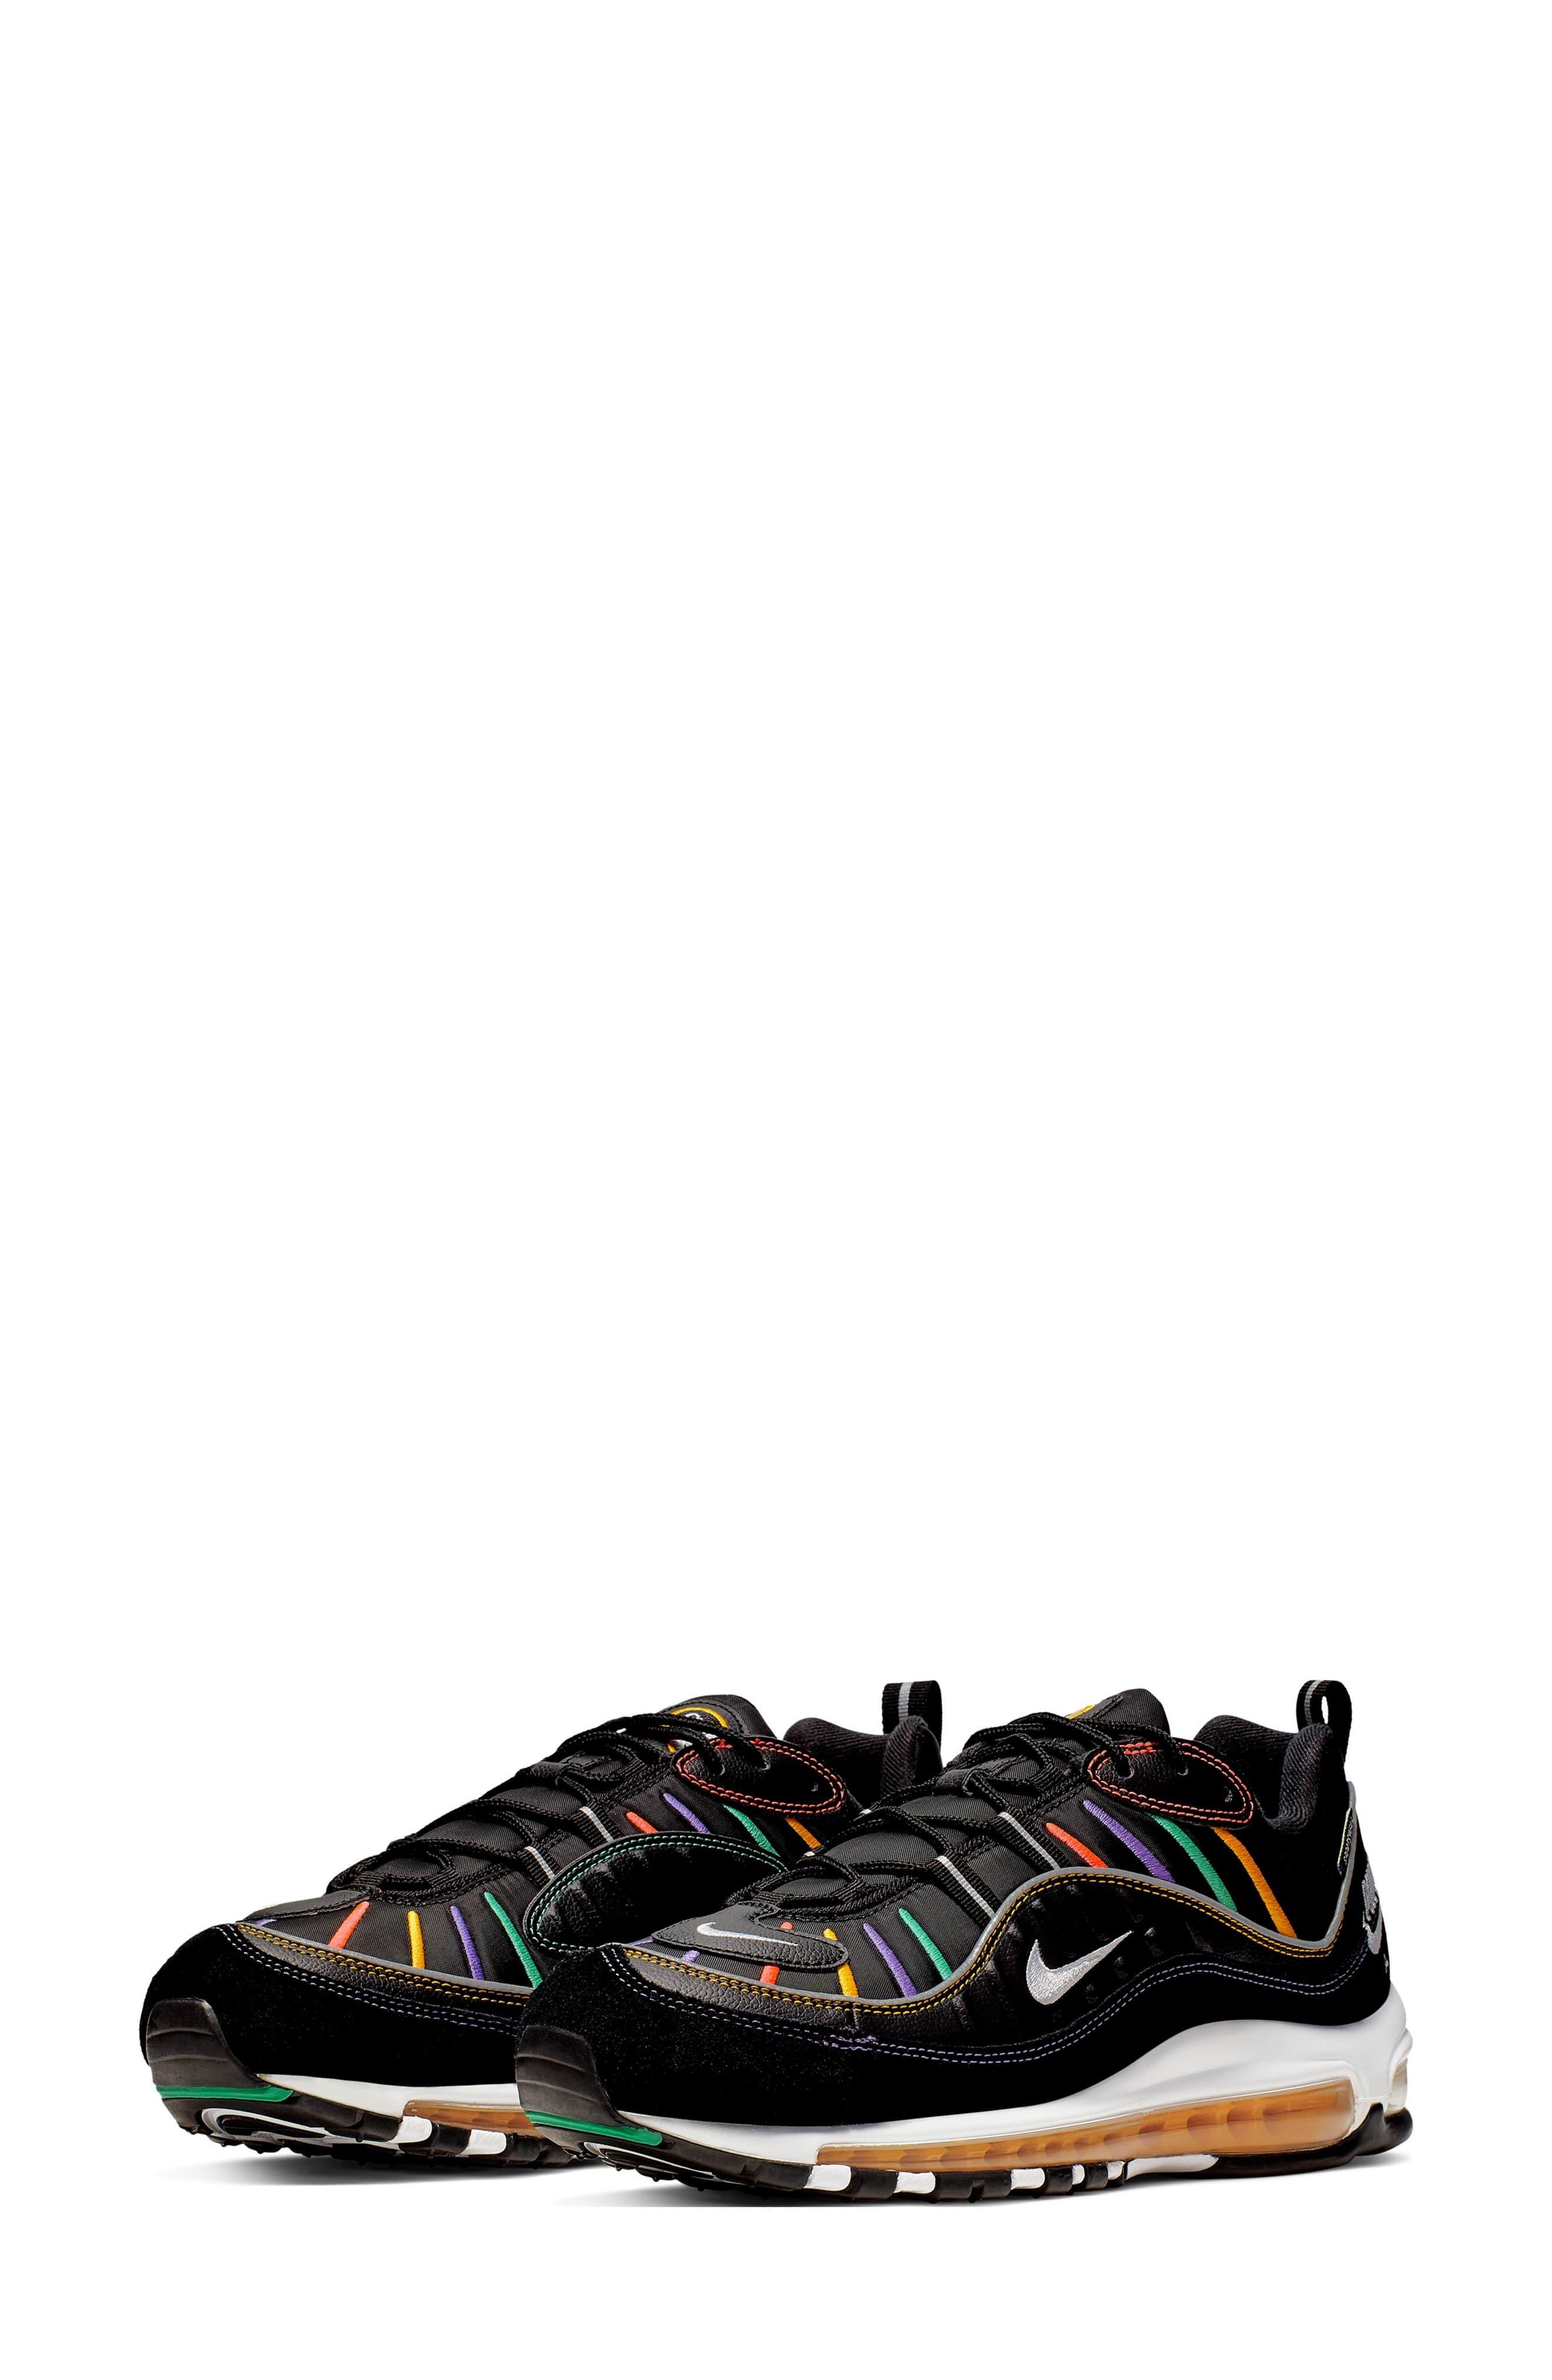 Air Max 98 Premium Sneaker